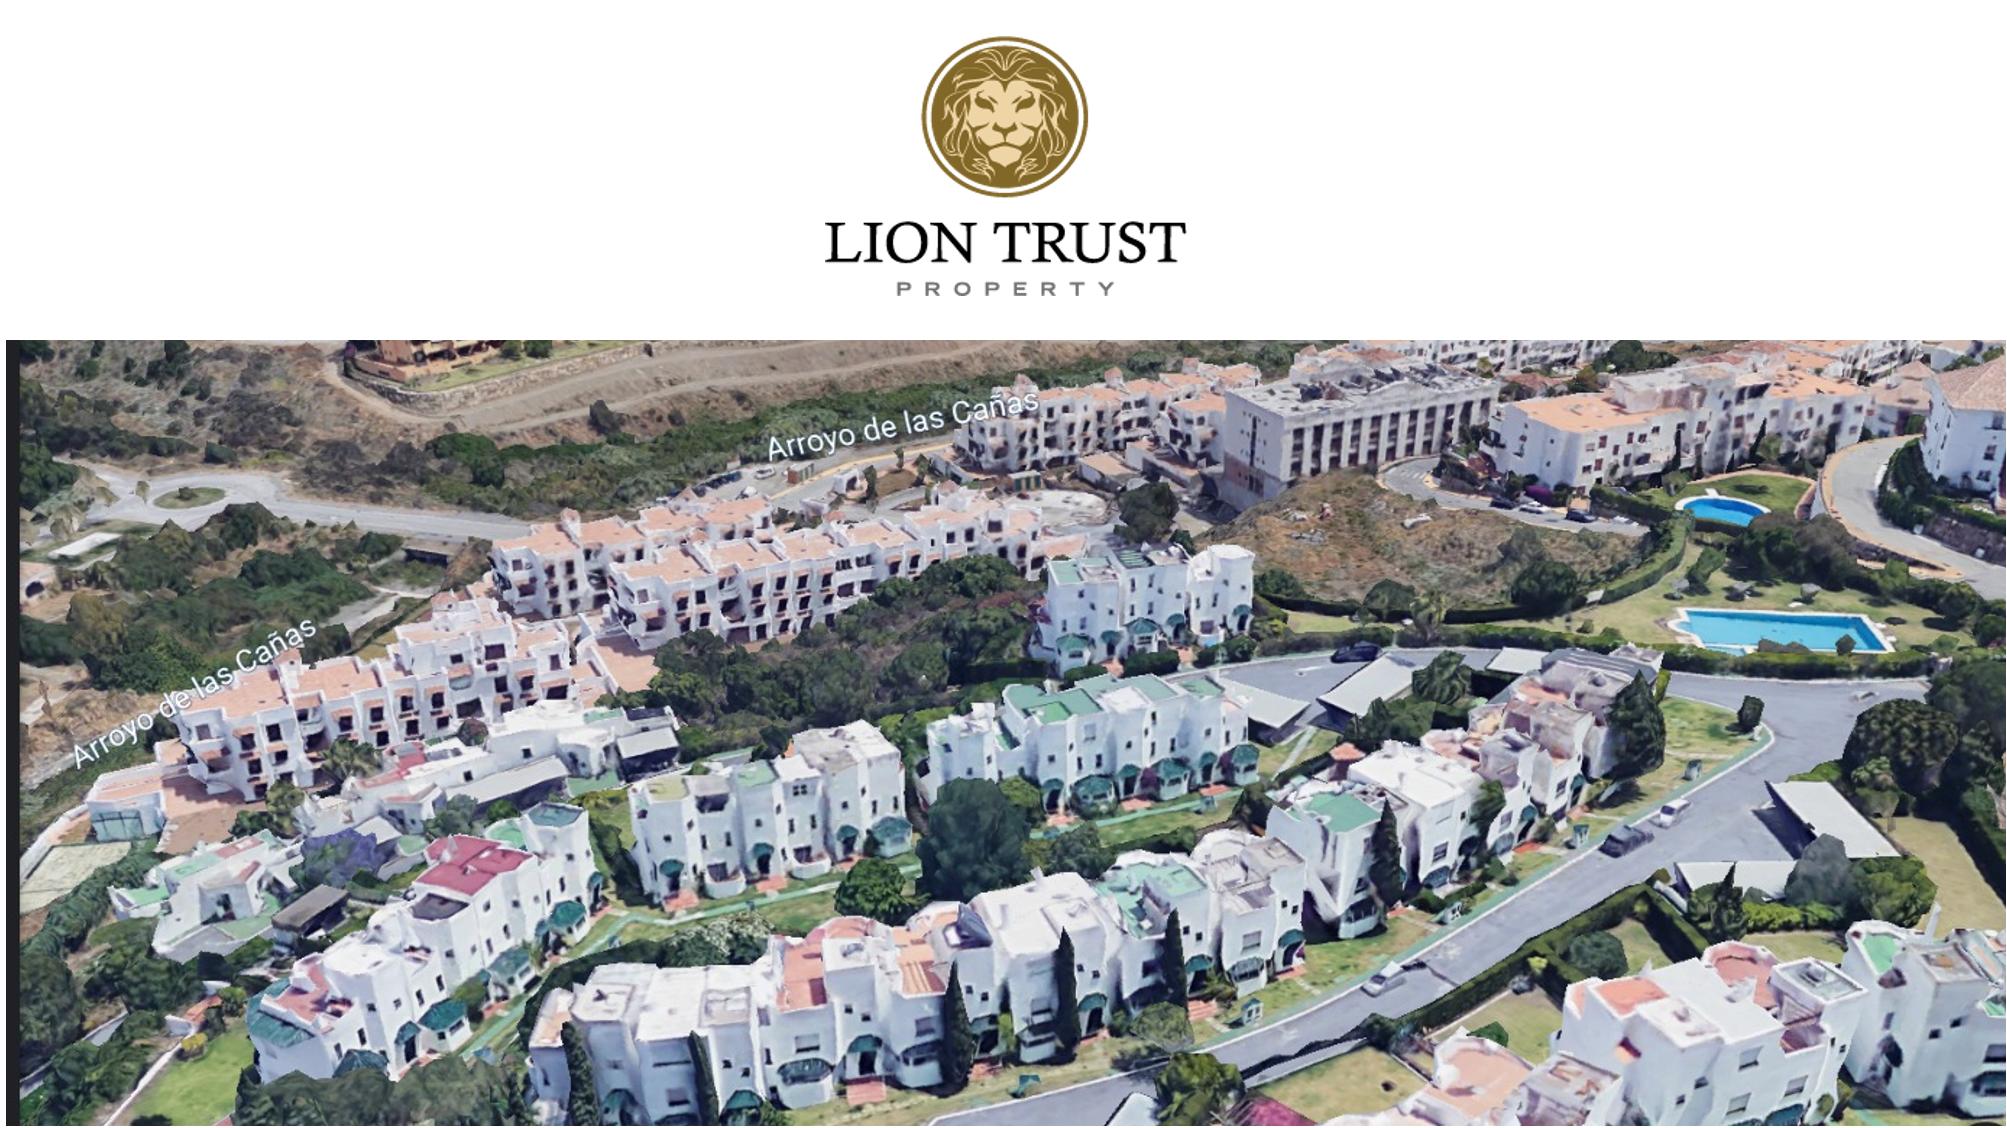 5a - Lion Trust Spain